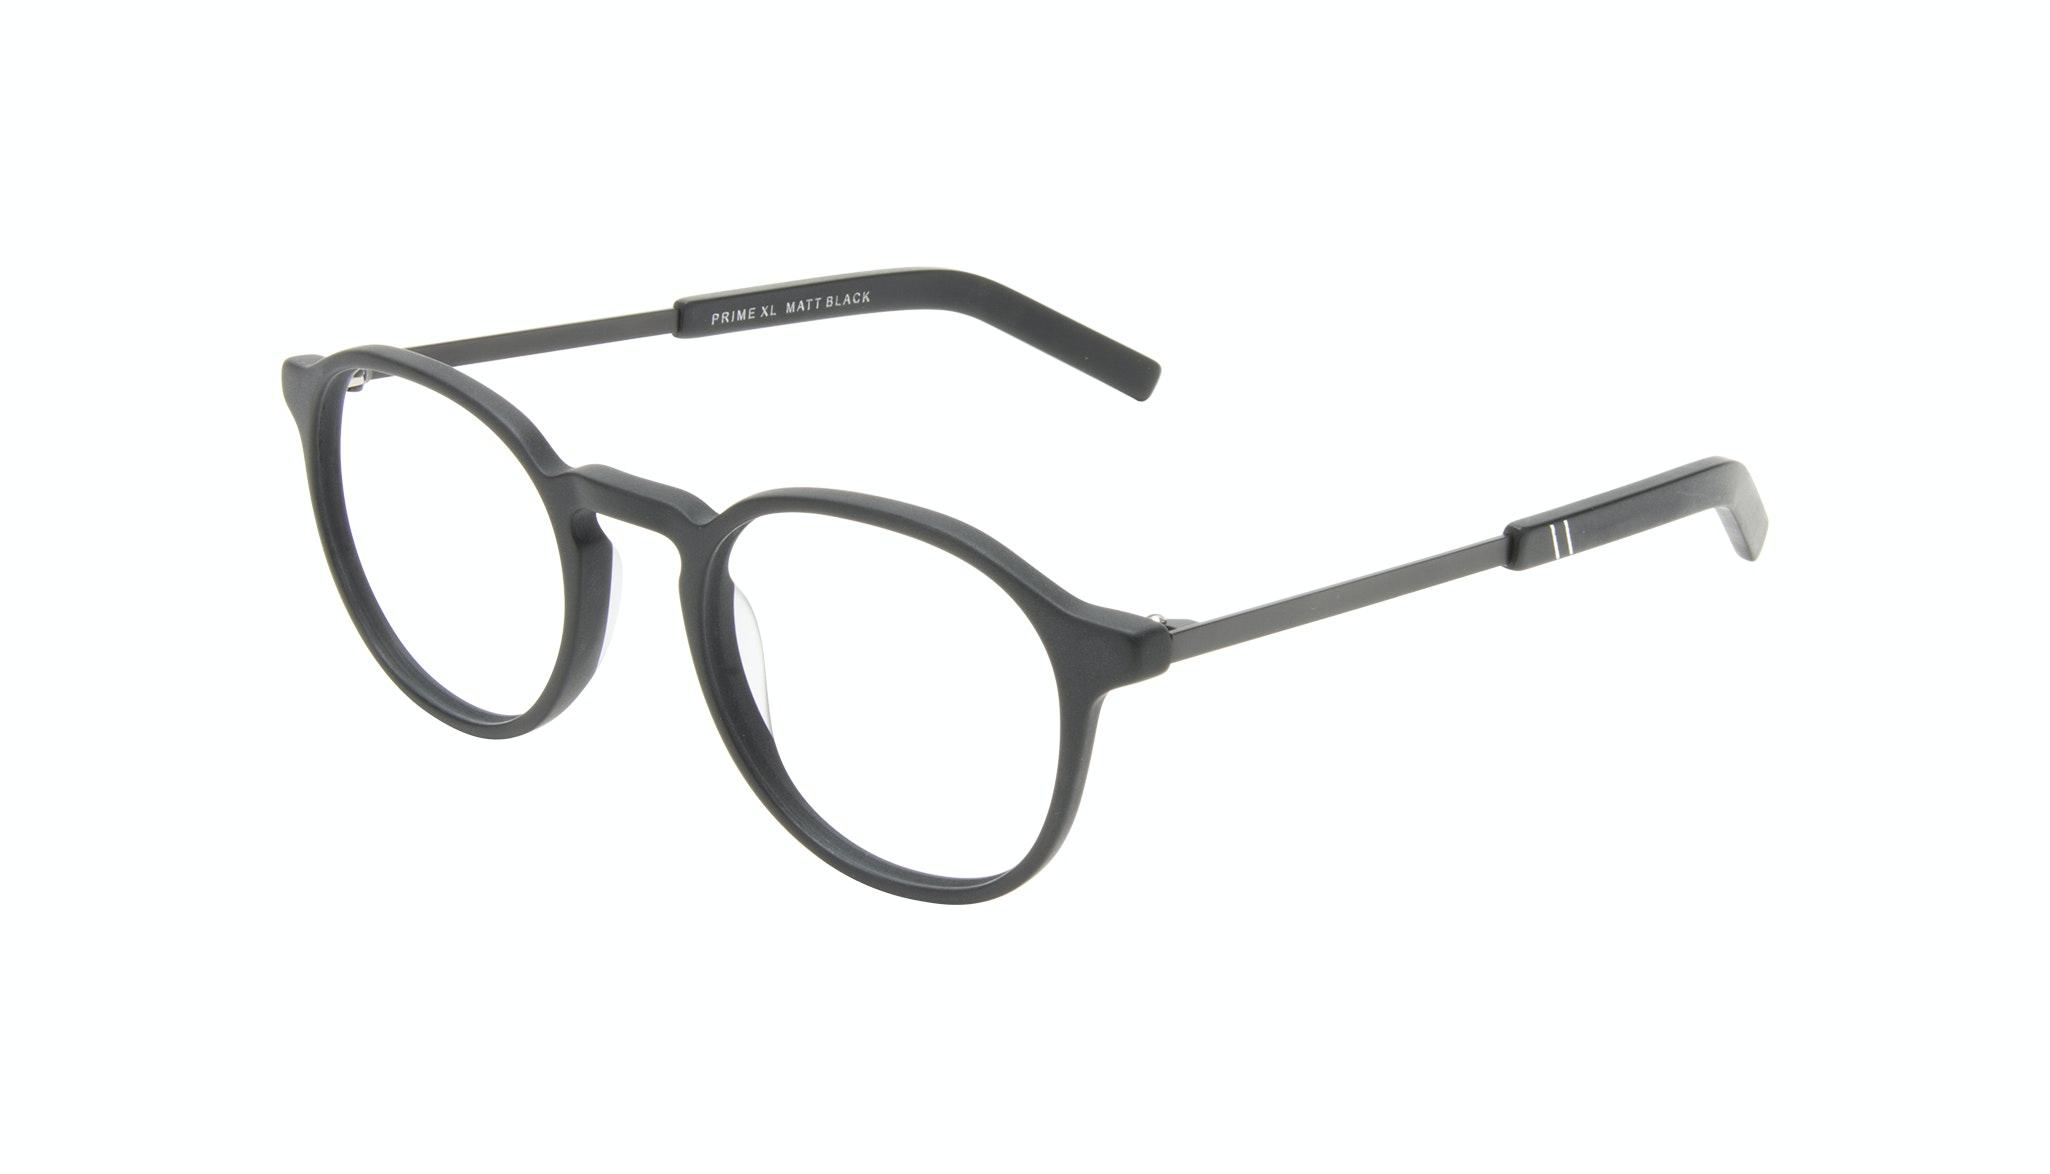 Affordable Fashion Glasses Round Eyeglasses Men Prime XL Matte Black Tilt